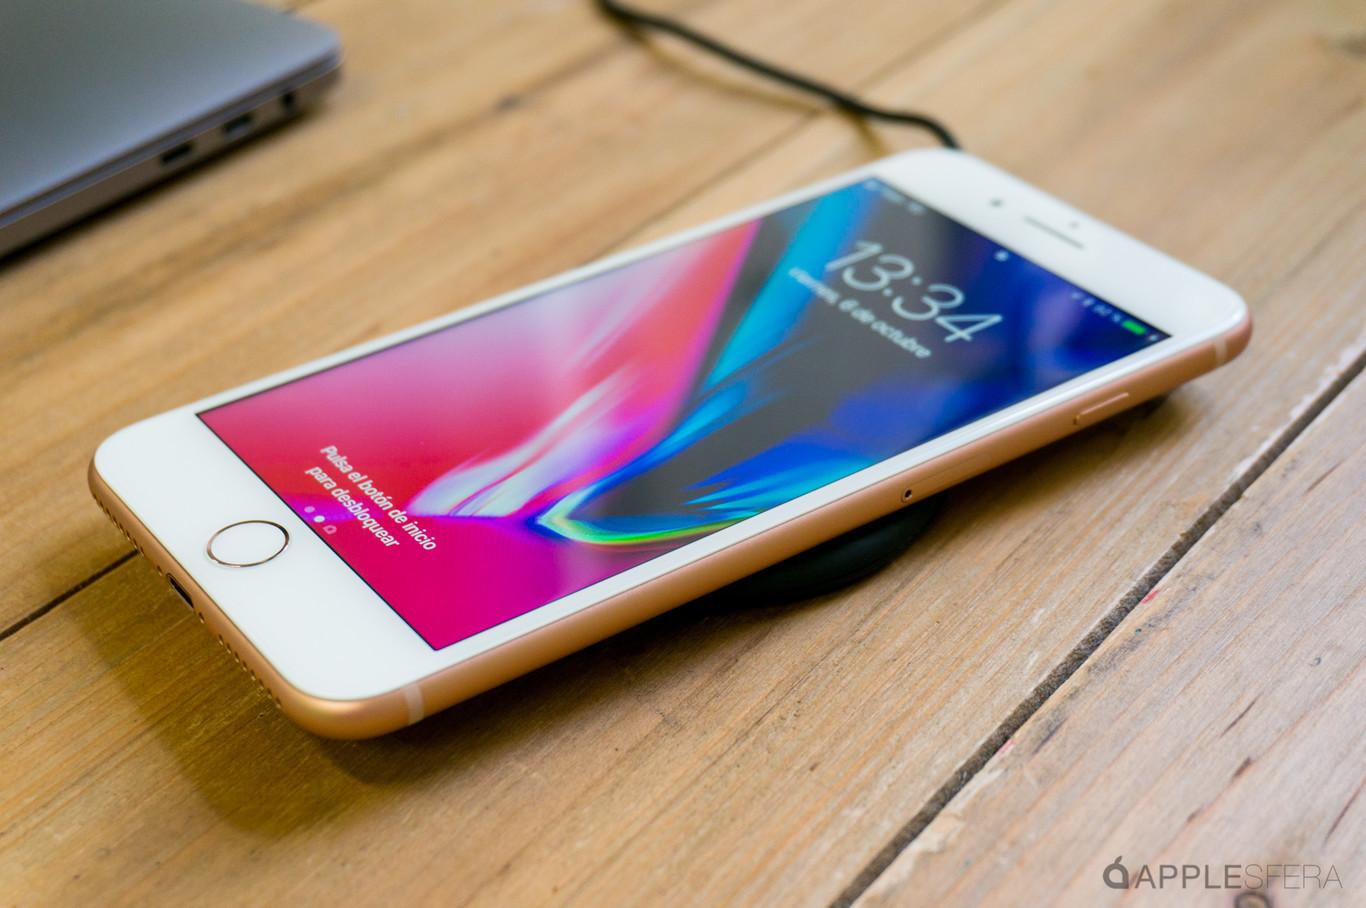 Los iPhone 8 ya son los últimos modelos con botón Home que quedan a la venta oficialmente